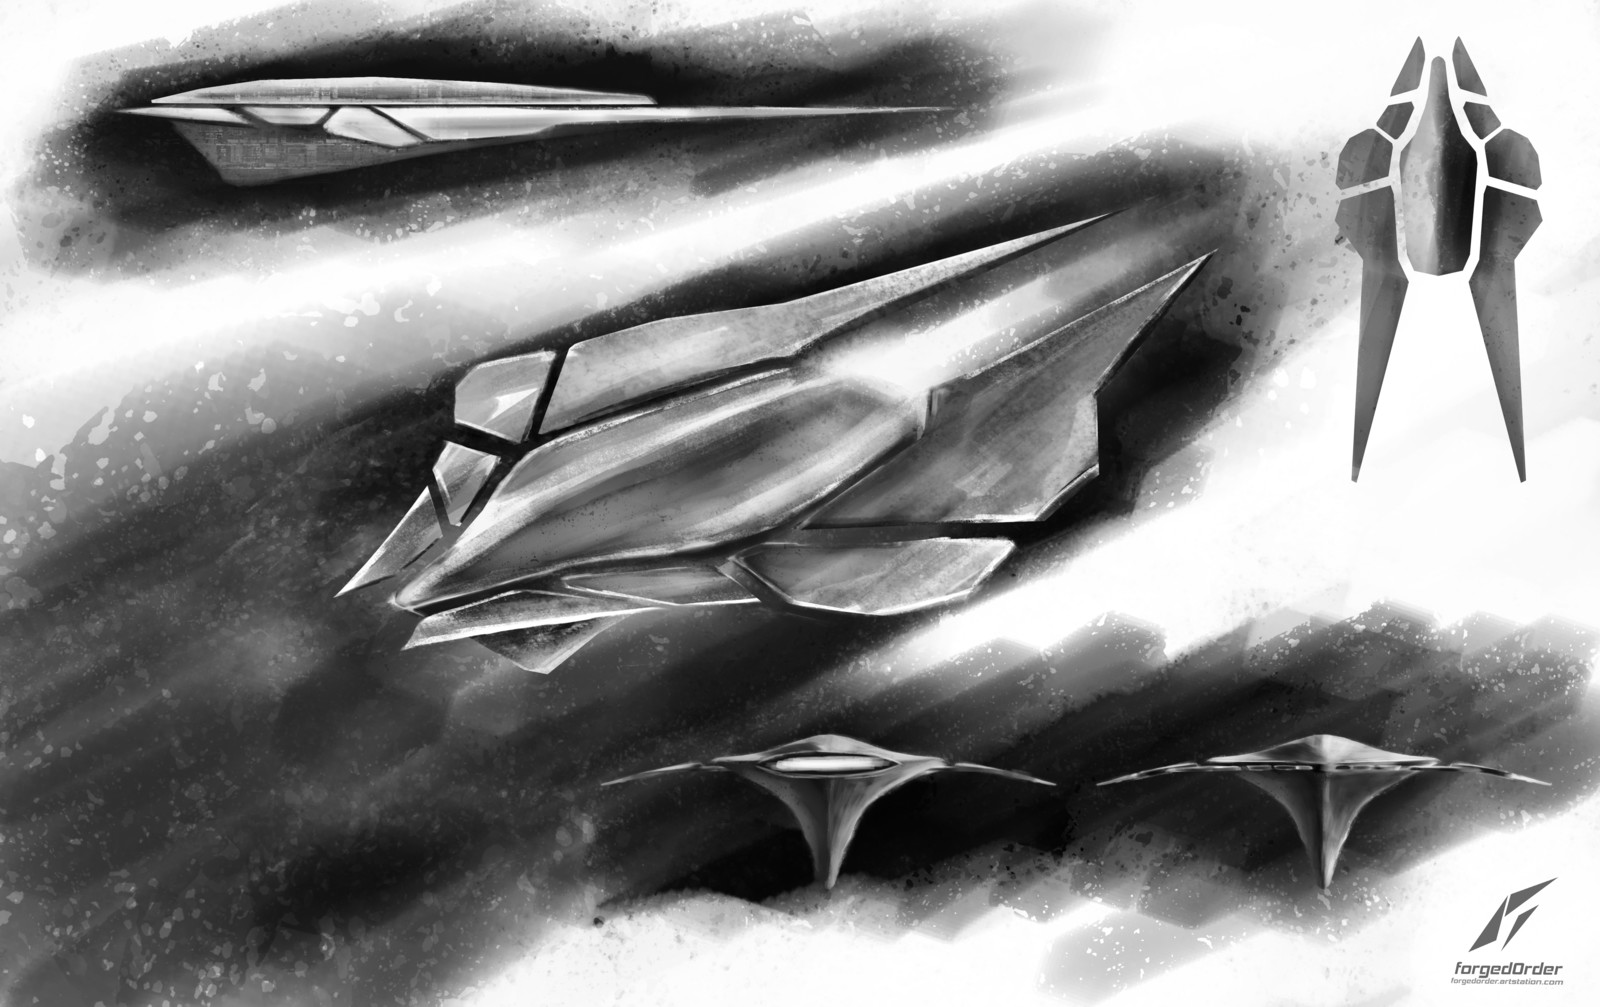 Intergalactic Scout - Concept